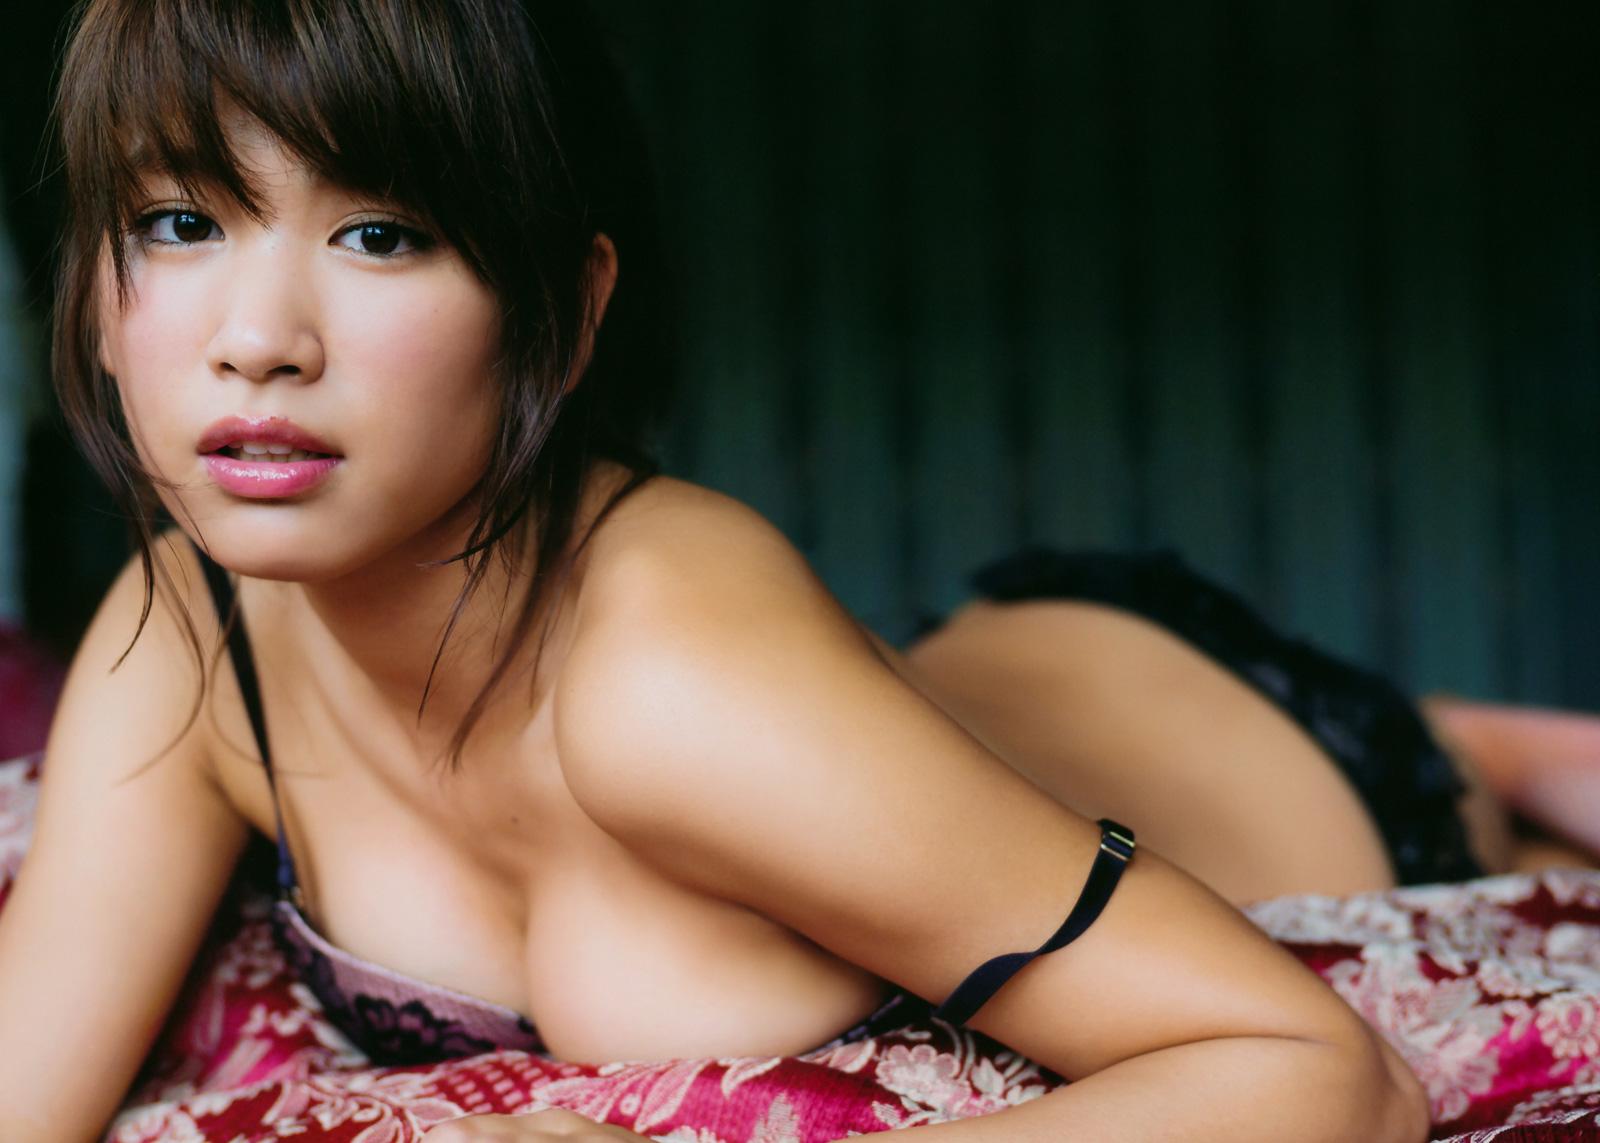 久松郁実 スタイル抜群のえろ体で美美巨乳のお乳に目が釘付け